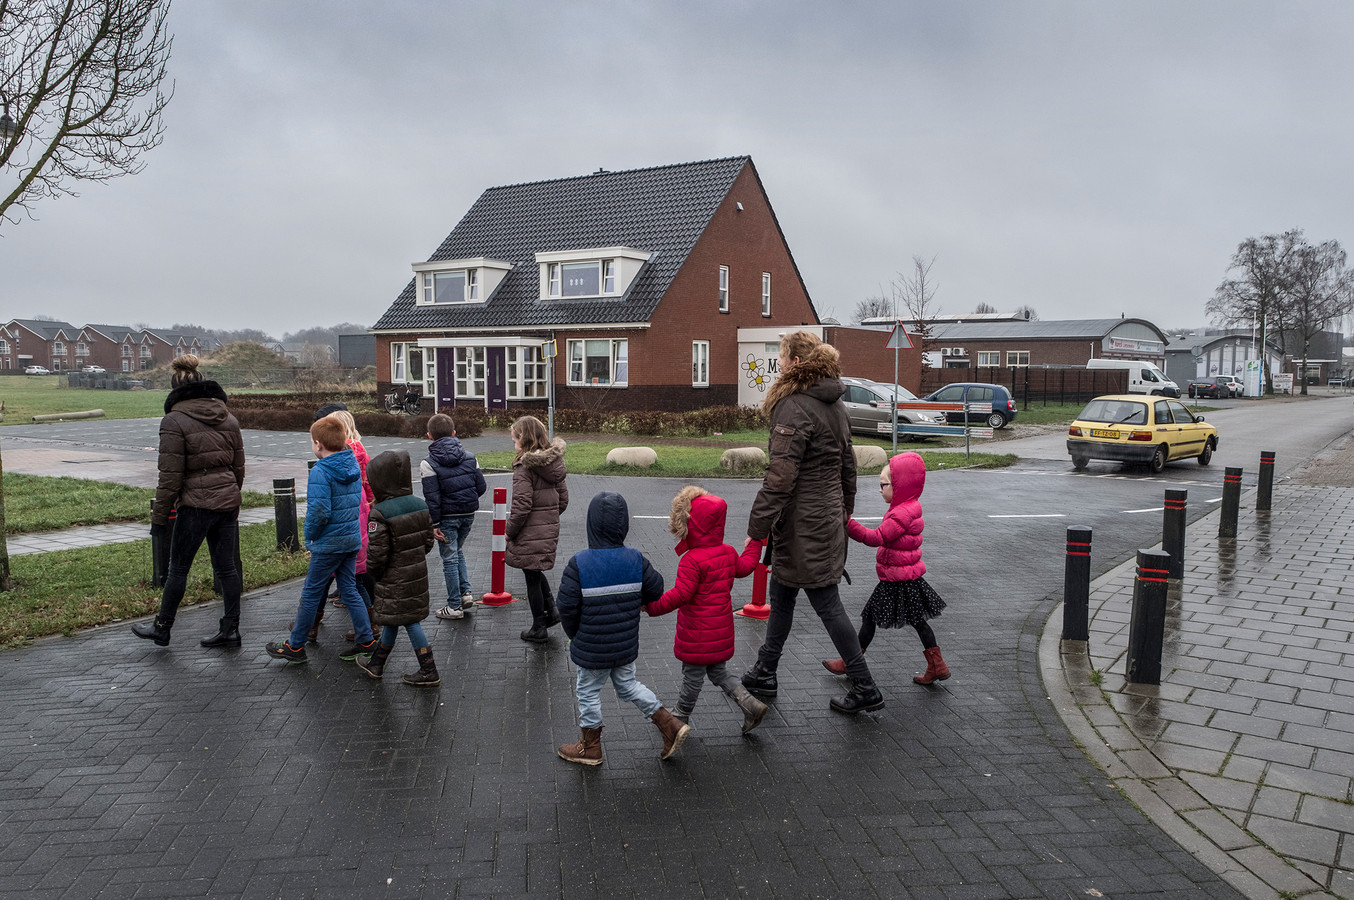 Op de Rijssenbeeklaan / Willem Boyeweg zijn paaltjes gezet tegen het verkeer. Het verkeer hoort nu eigenlijk om te rijden via de Randweg. De Willem Boyeweg is sinds juli 2017 afgesloten voor vrachtverkeer.